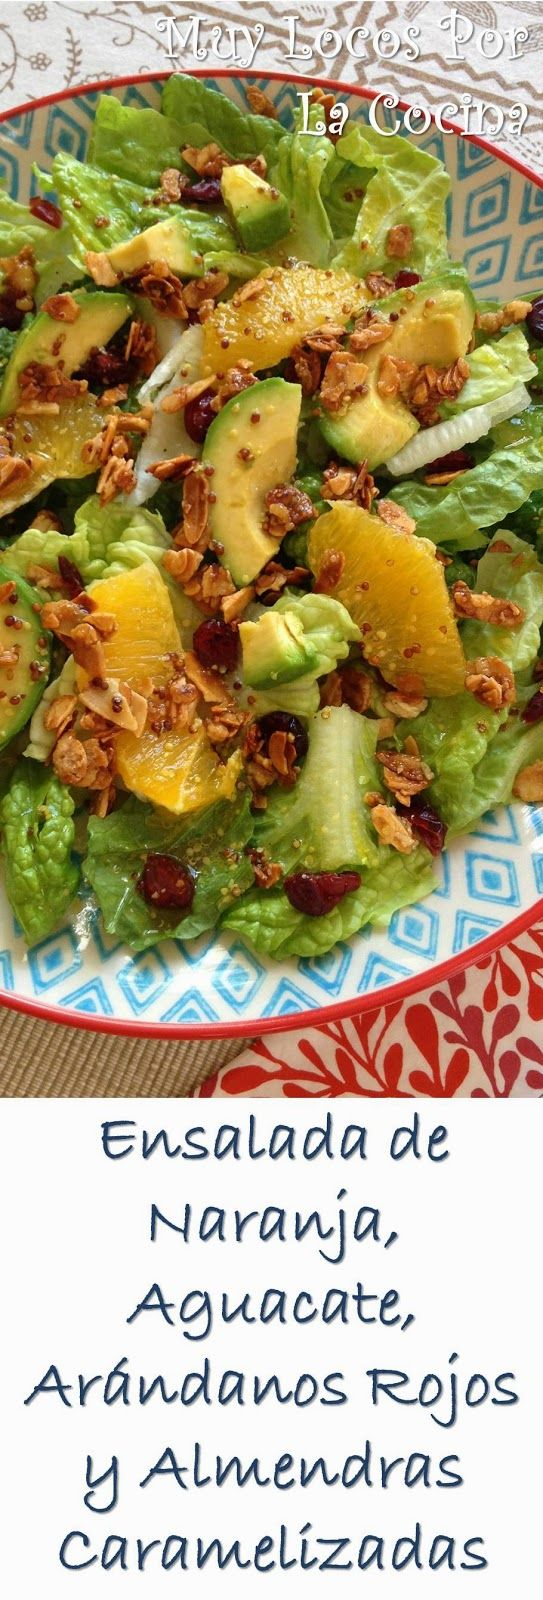 Twittear      Hoy os traemos una ensalada formada por una mezcla de lechuga, frutas y almendras caramelizadas y acompañada de...